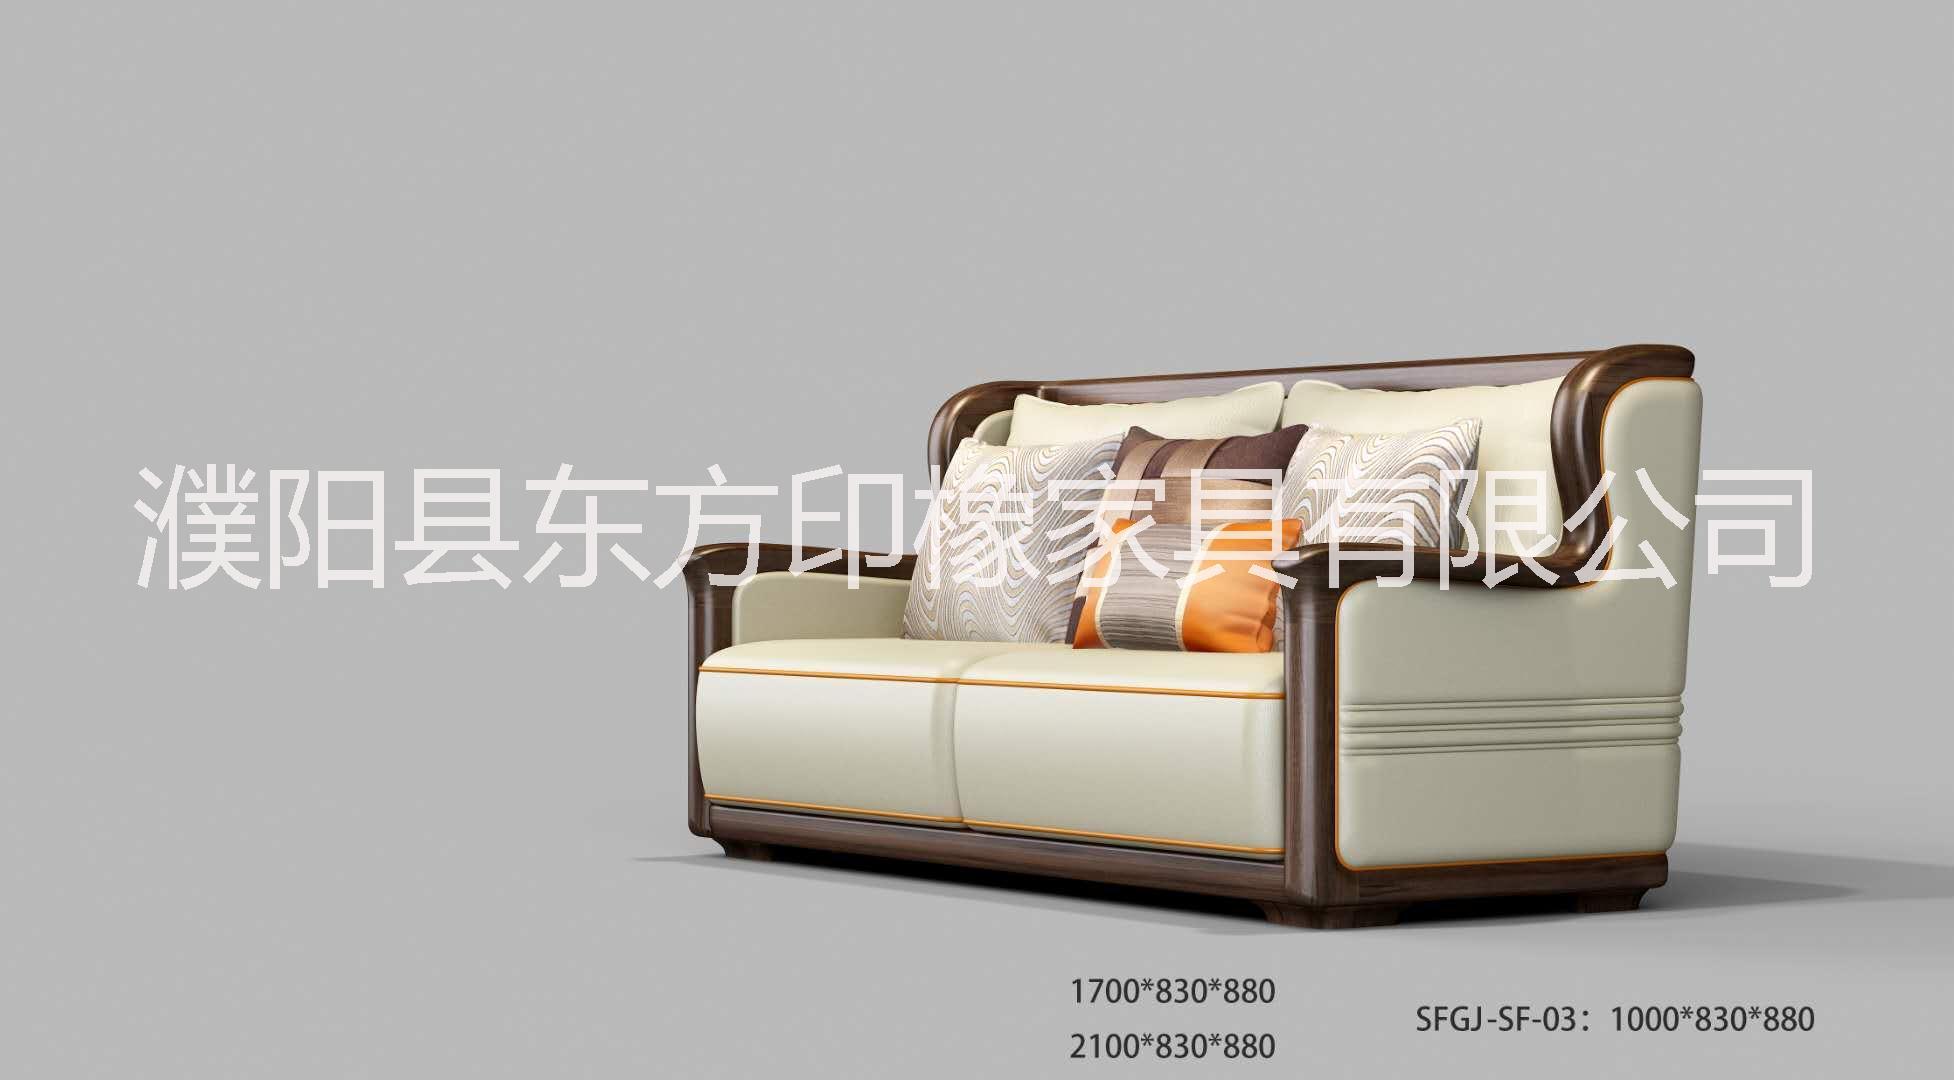 简约沙发 濮阳沙发供应商     沙发     河南沙发厂家    沙发价格 简约沙发 布艺沙发